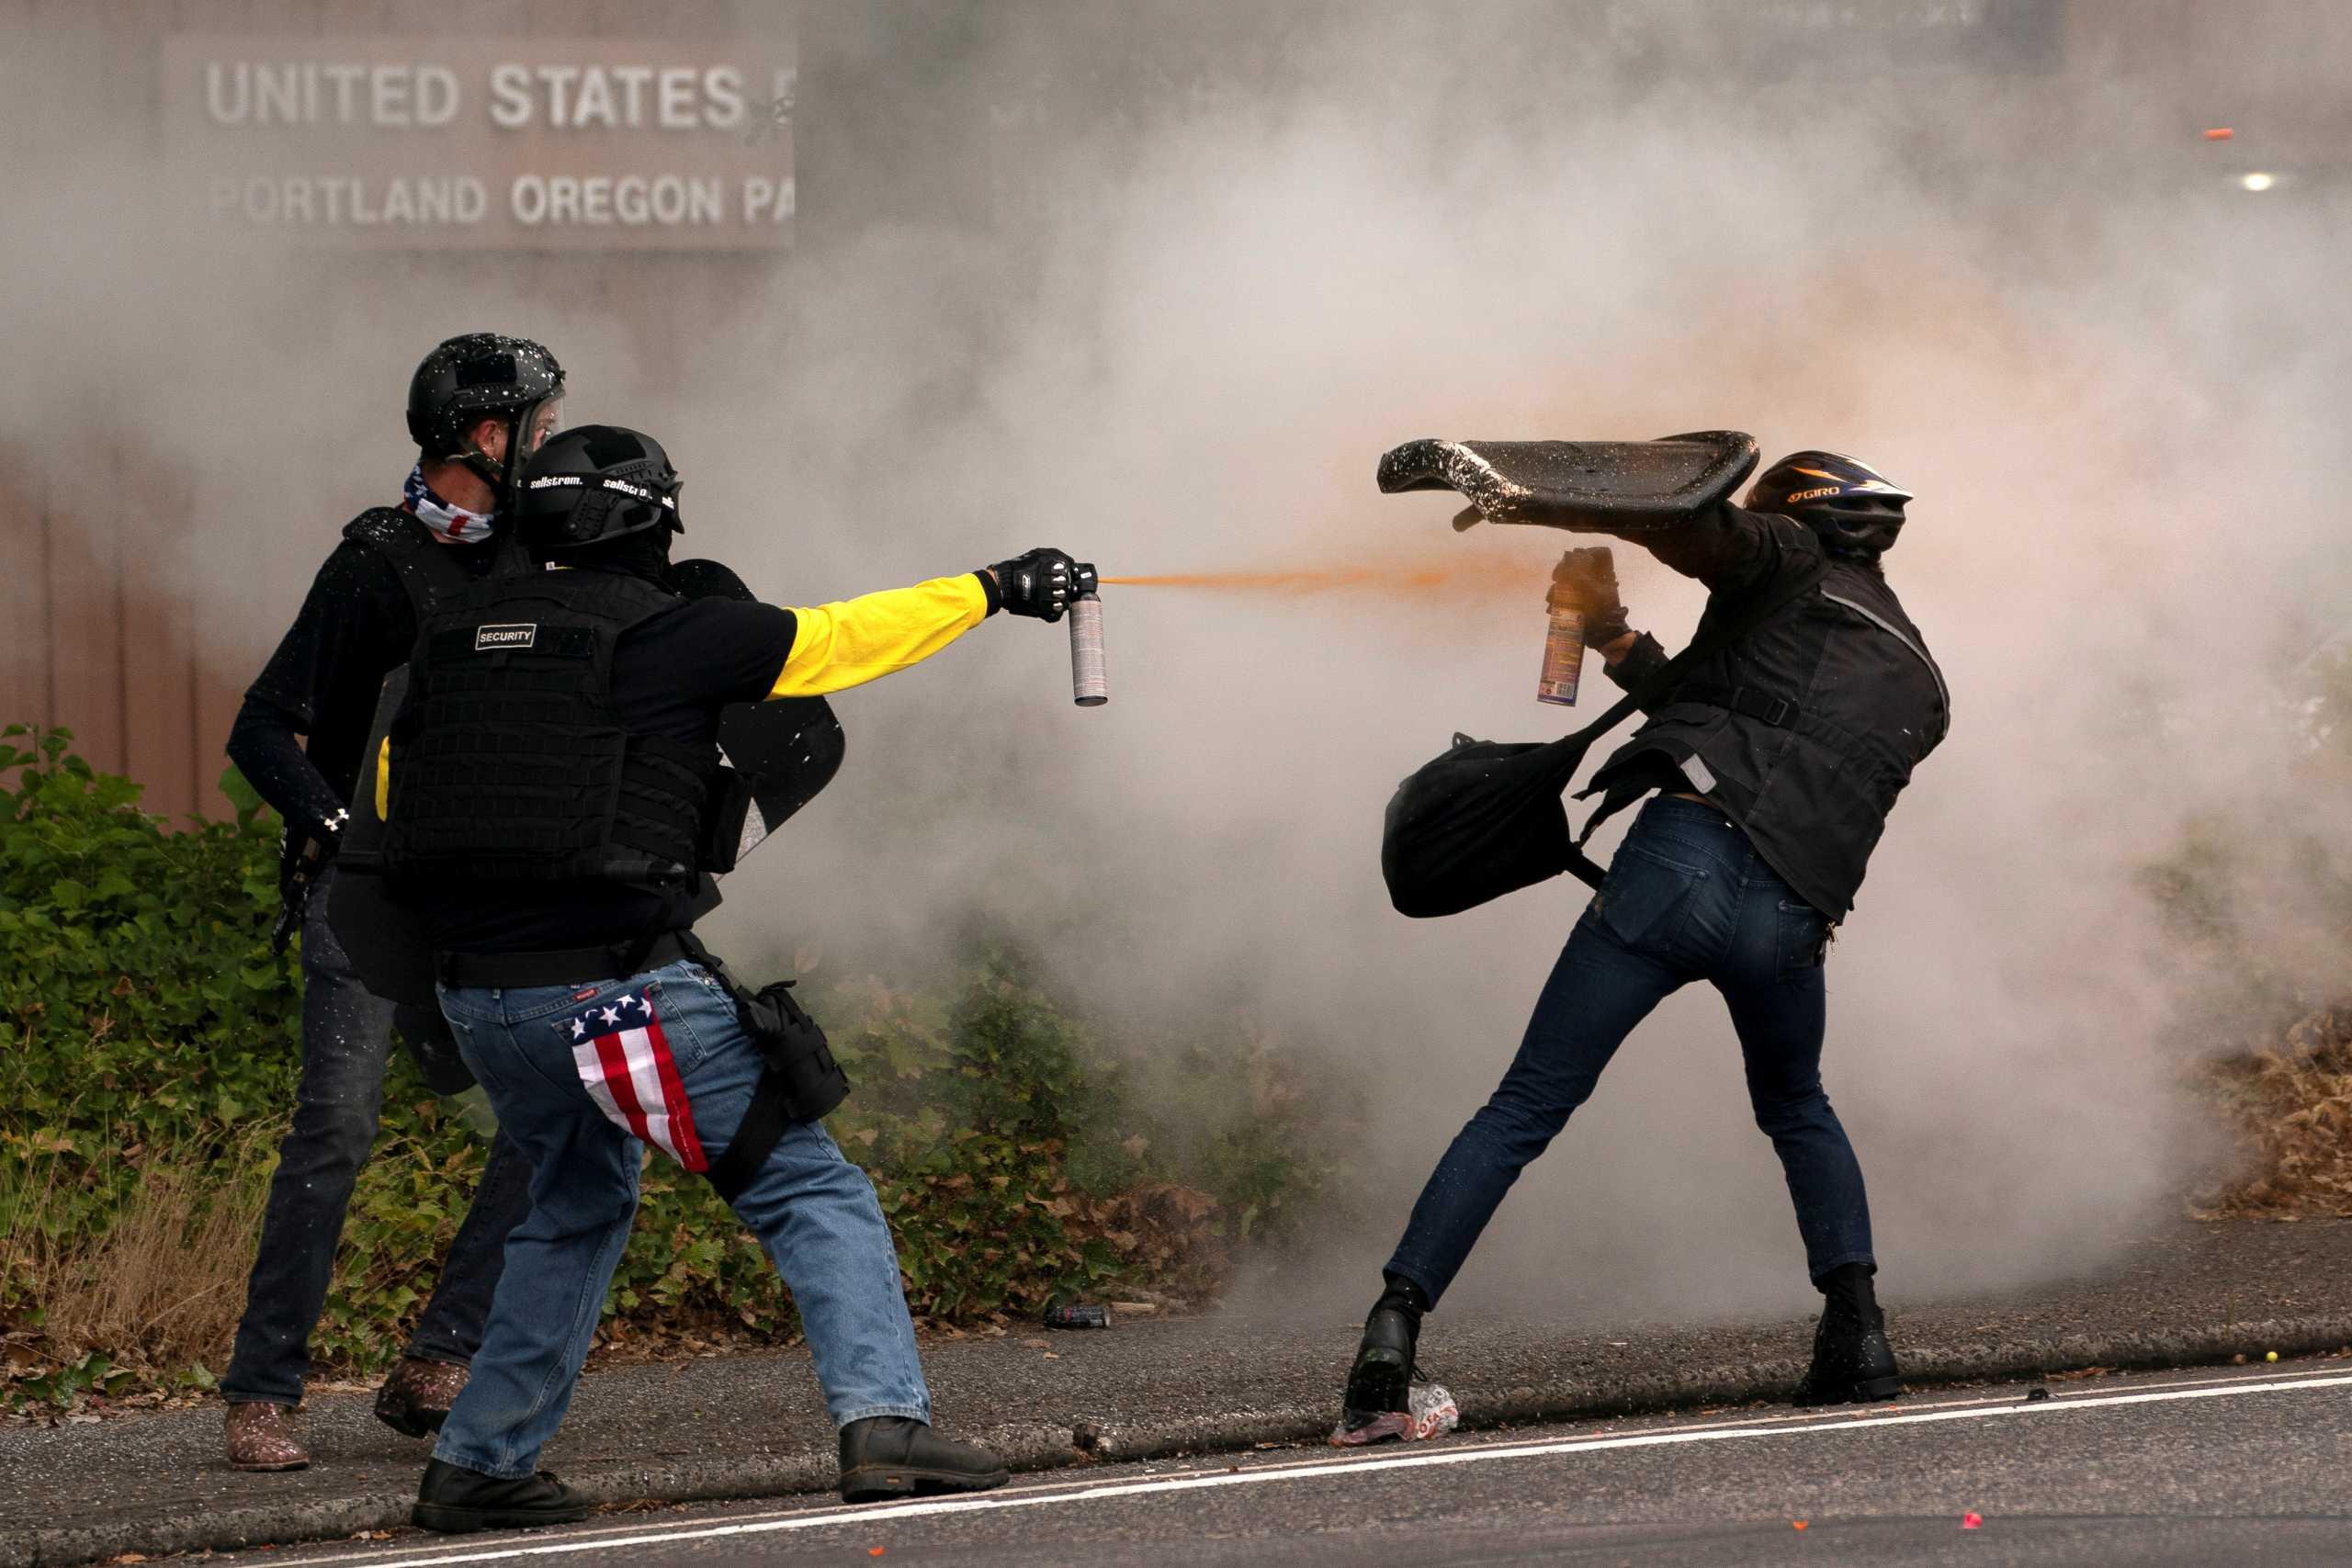 ΗΠΑ: Πυροβολισμοί και εικόνες χάους στο Πόρτλαντ – Συγκρούσεις ακροδεξιών και ακροαριστερών